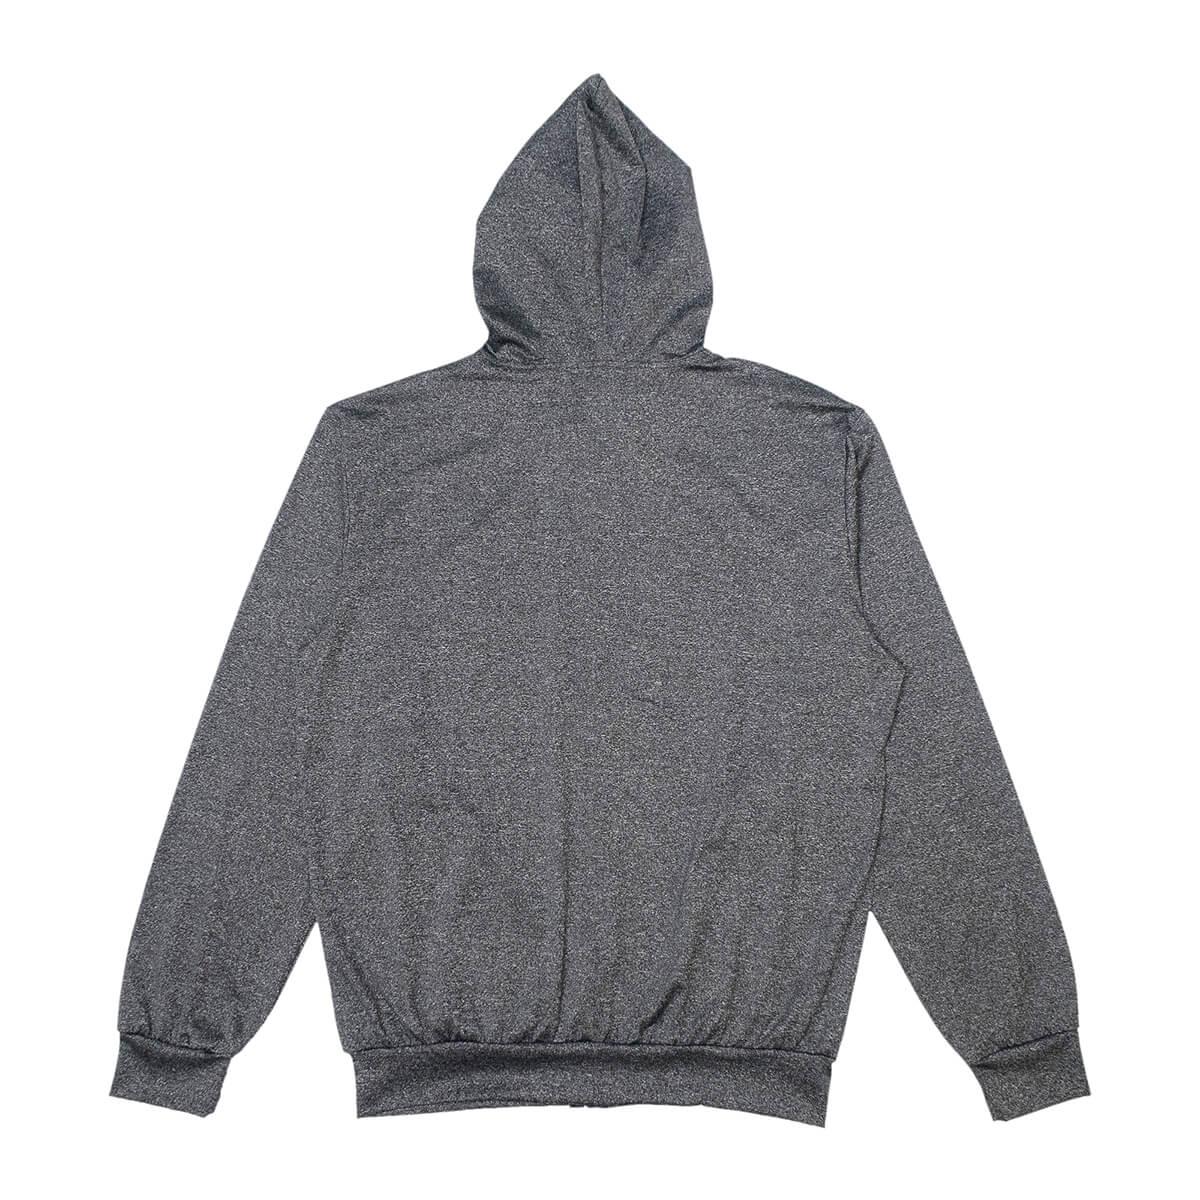 加大尺碼防曬外套 防風遮陽薄外套 柔軟輕薄休閒外套 連帽外套 運動外套 黑色外套 Sun Protection Jackets Mens Jackets Casual Jackets (321-0516_0517-21)黑色、(321-0516_0517-22)紋理灰 3L 4L 5L 6L (胸圍122~140公分  48~55英吋) 男 [實體店面保障] sun-e 9